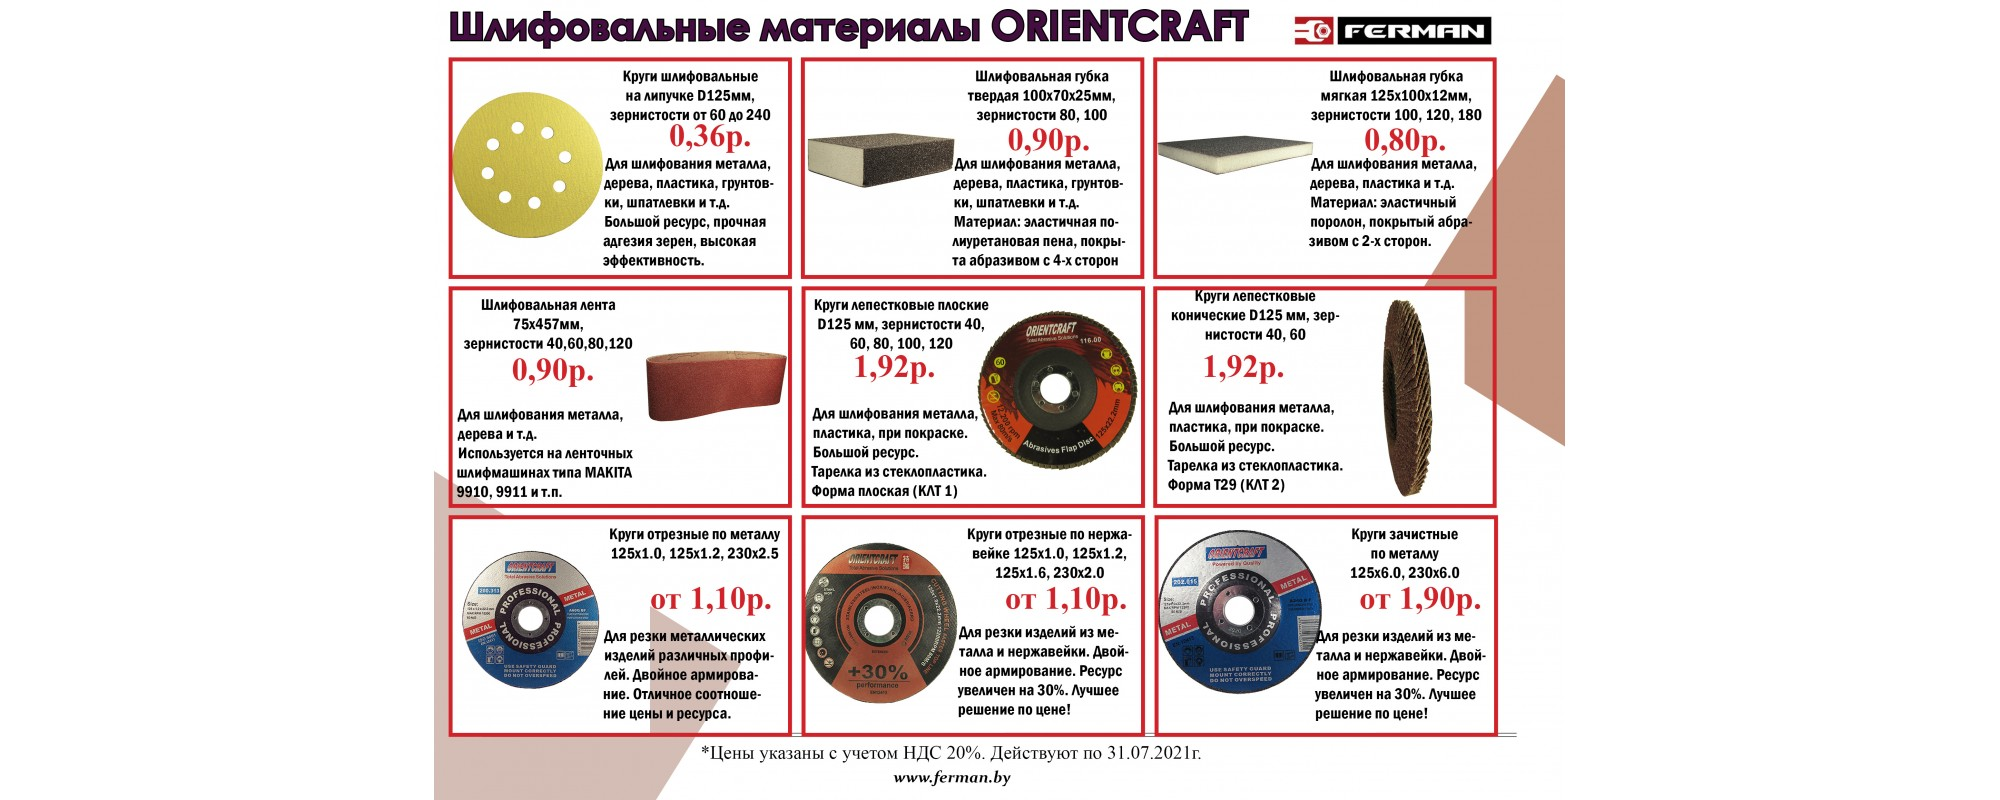 Шлифовальные материалы ORIENTCRAFT